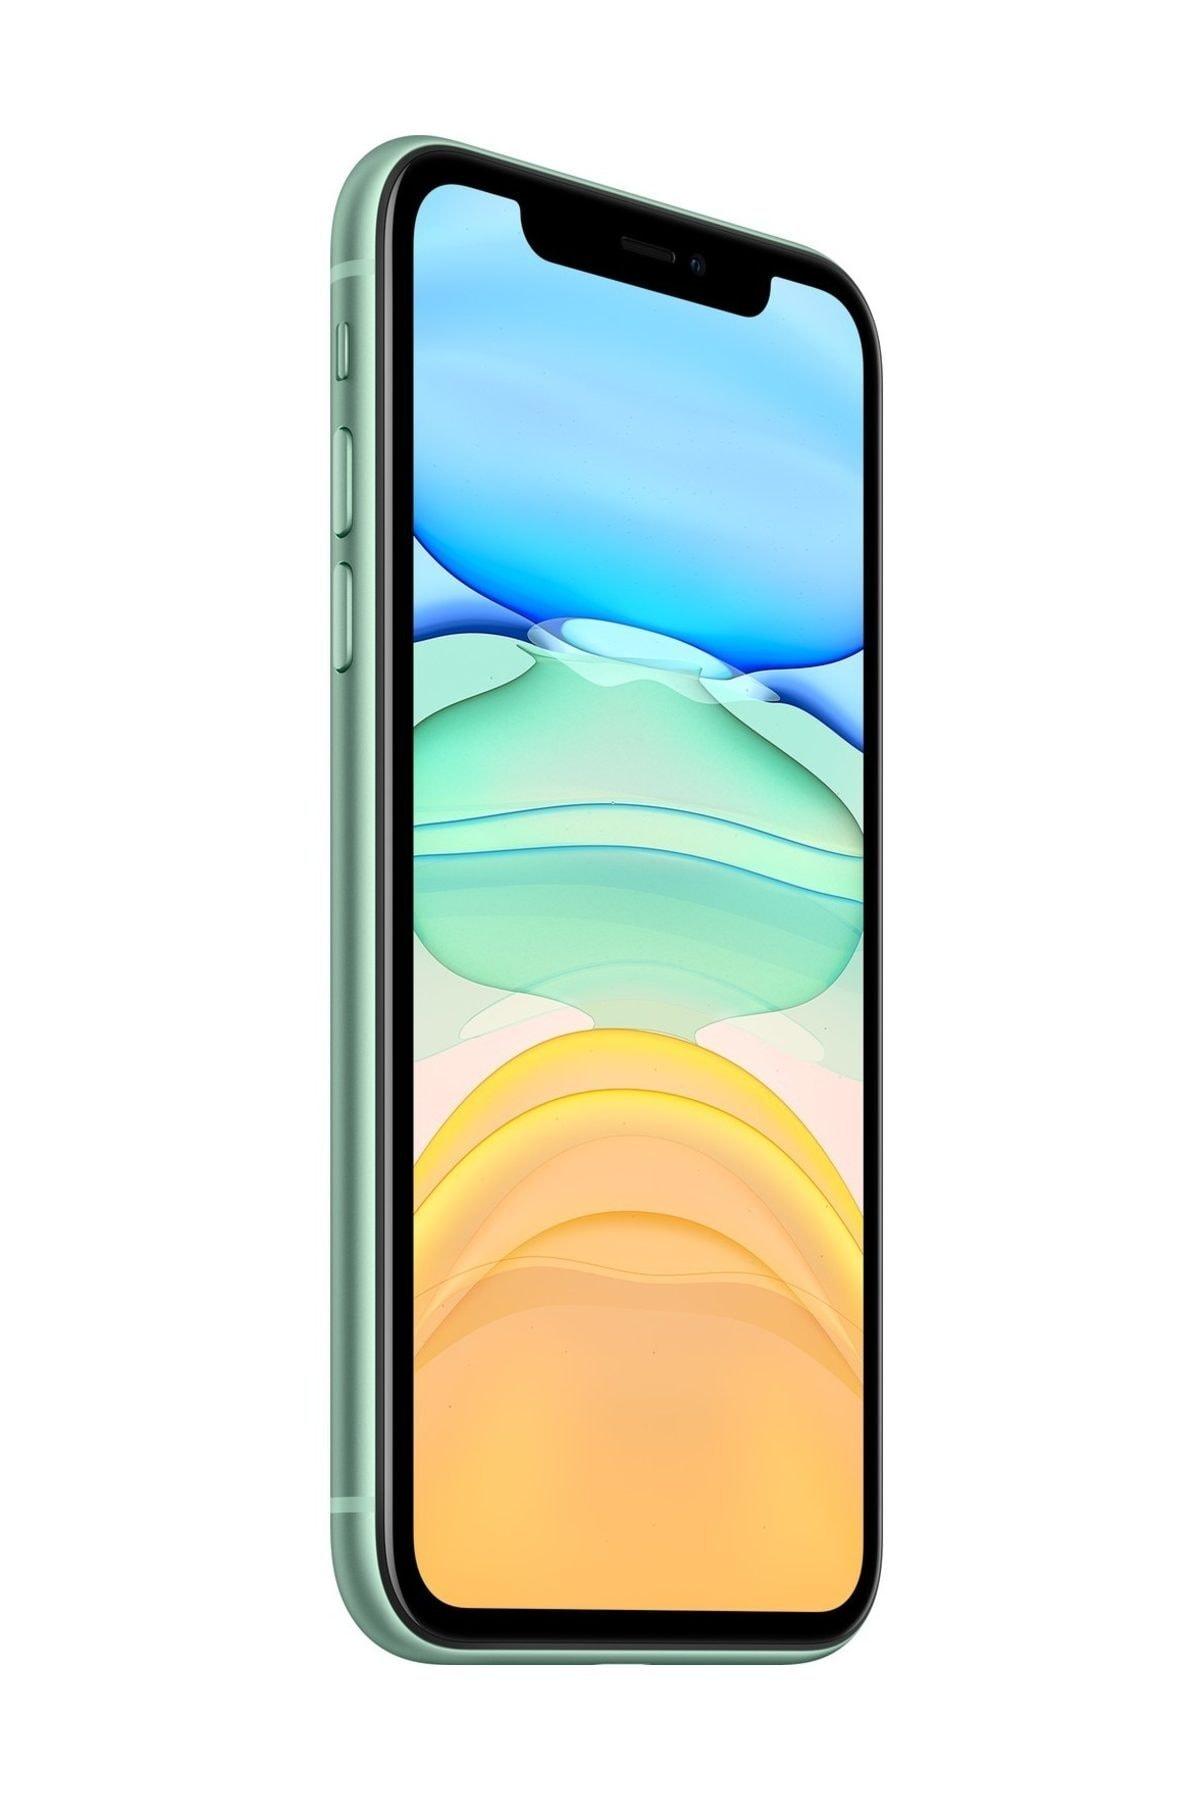 Apple iPhone 11 64GB Yeşil Cep Telefonu (Apple Türkiye Garantili) Aksesuarlı Kutu 2